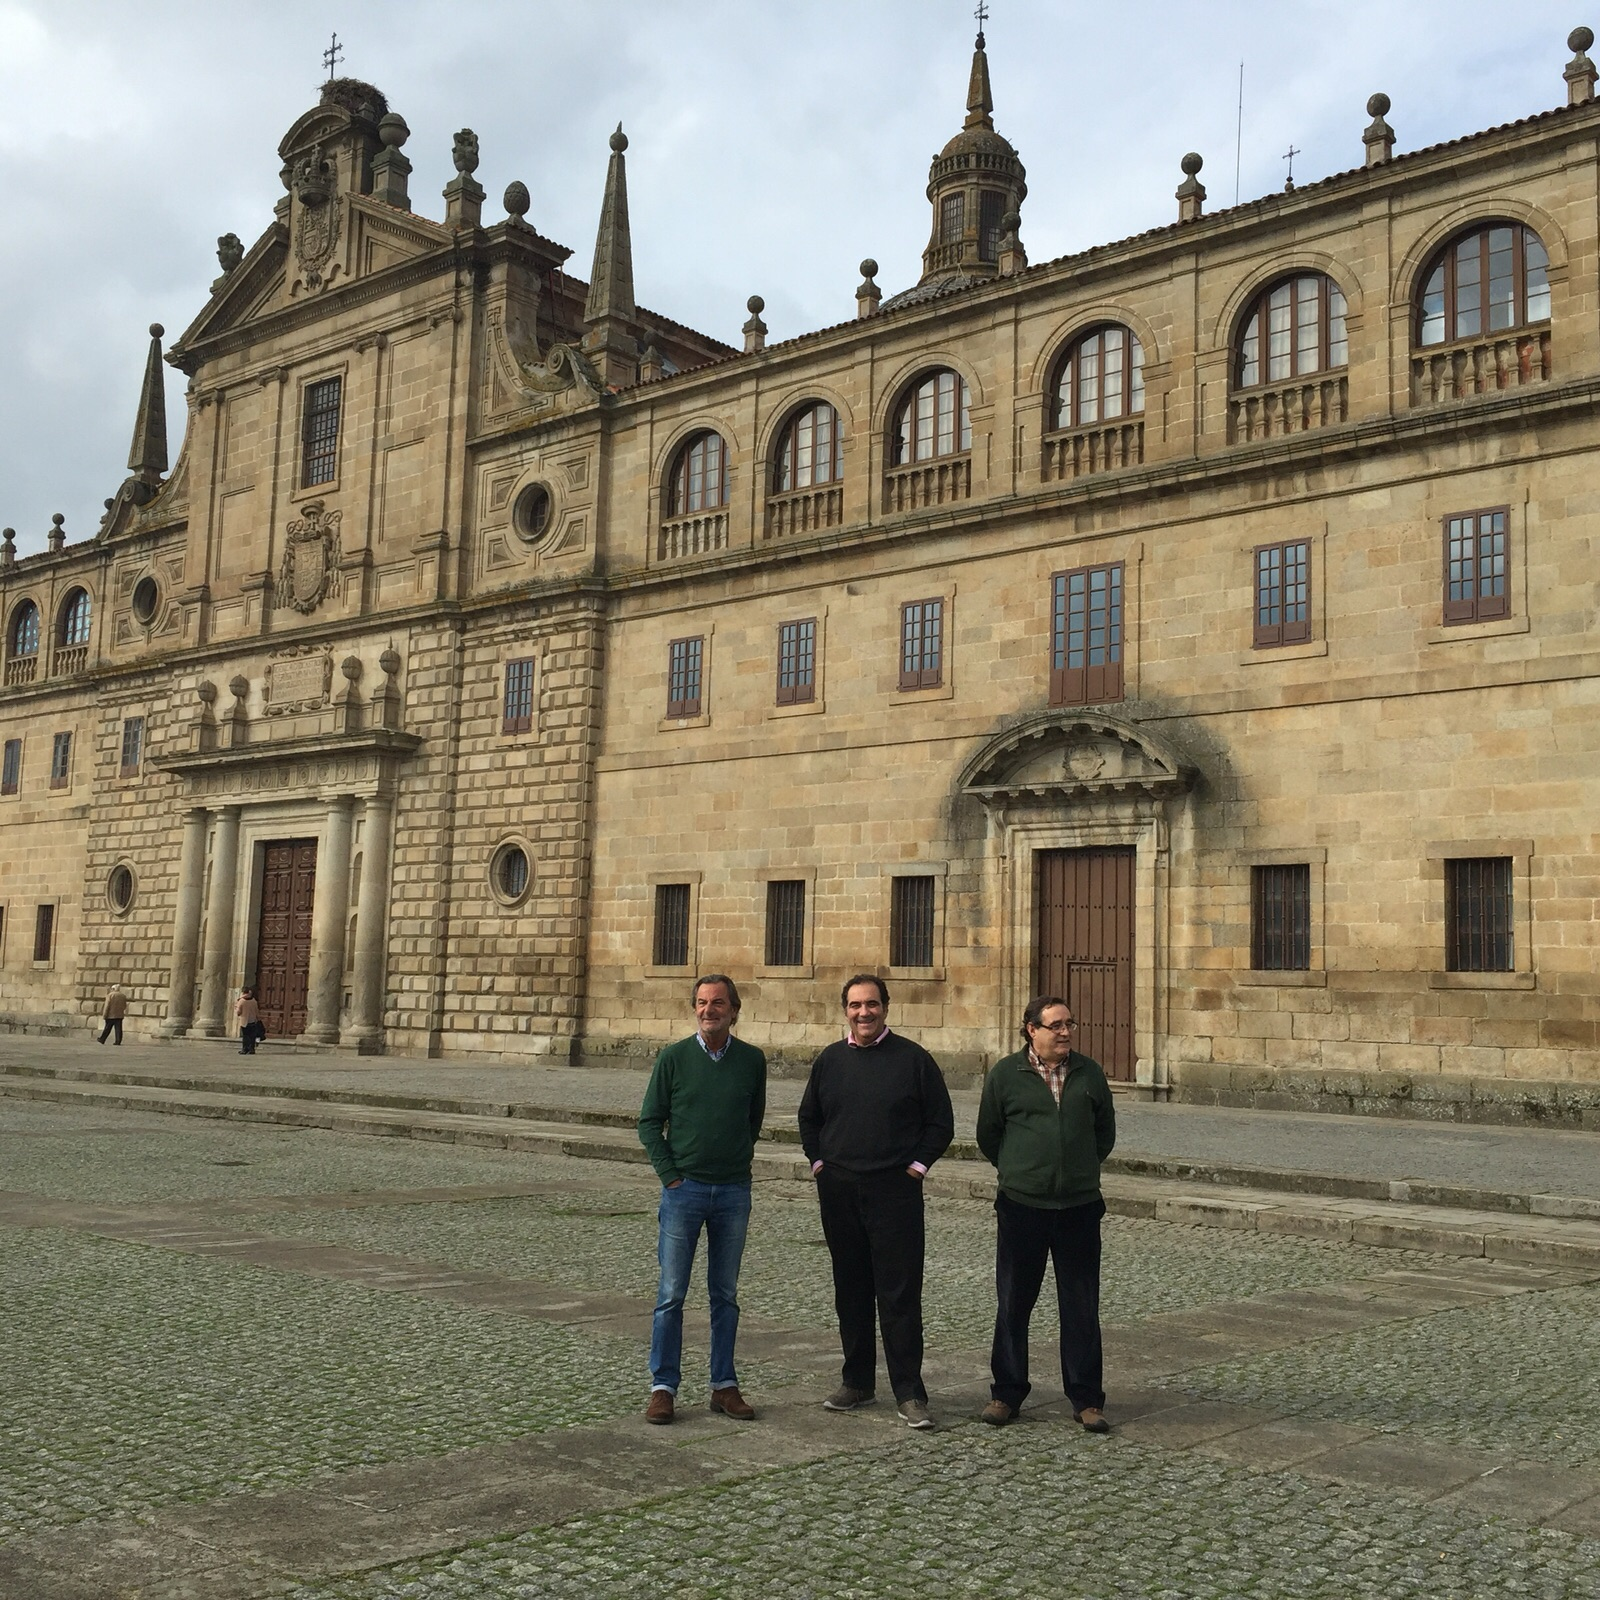 """Colegio de los Escolapios conocido como """"El Escorial Gallego"""""""